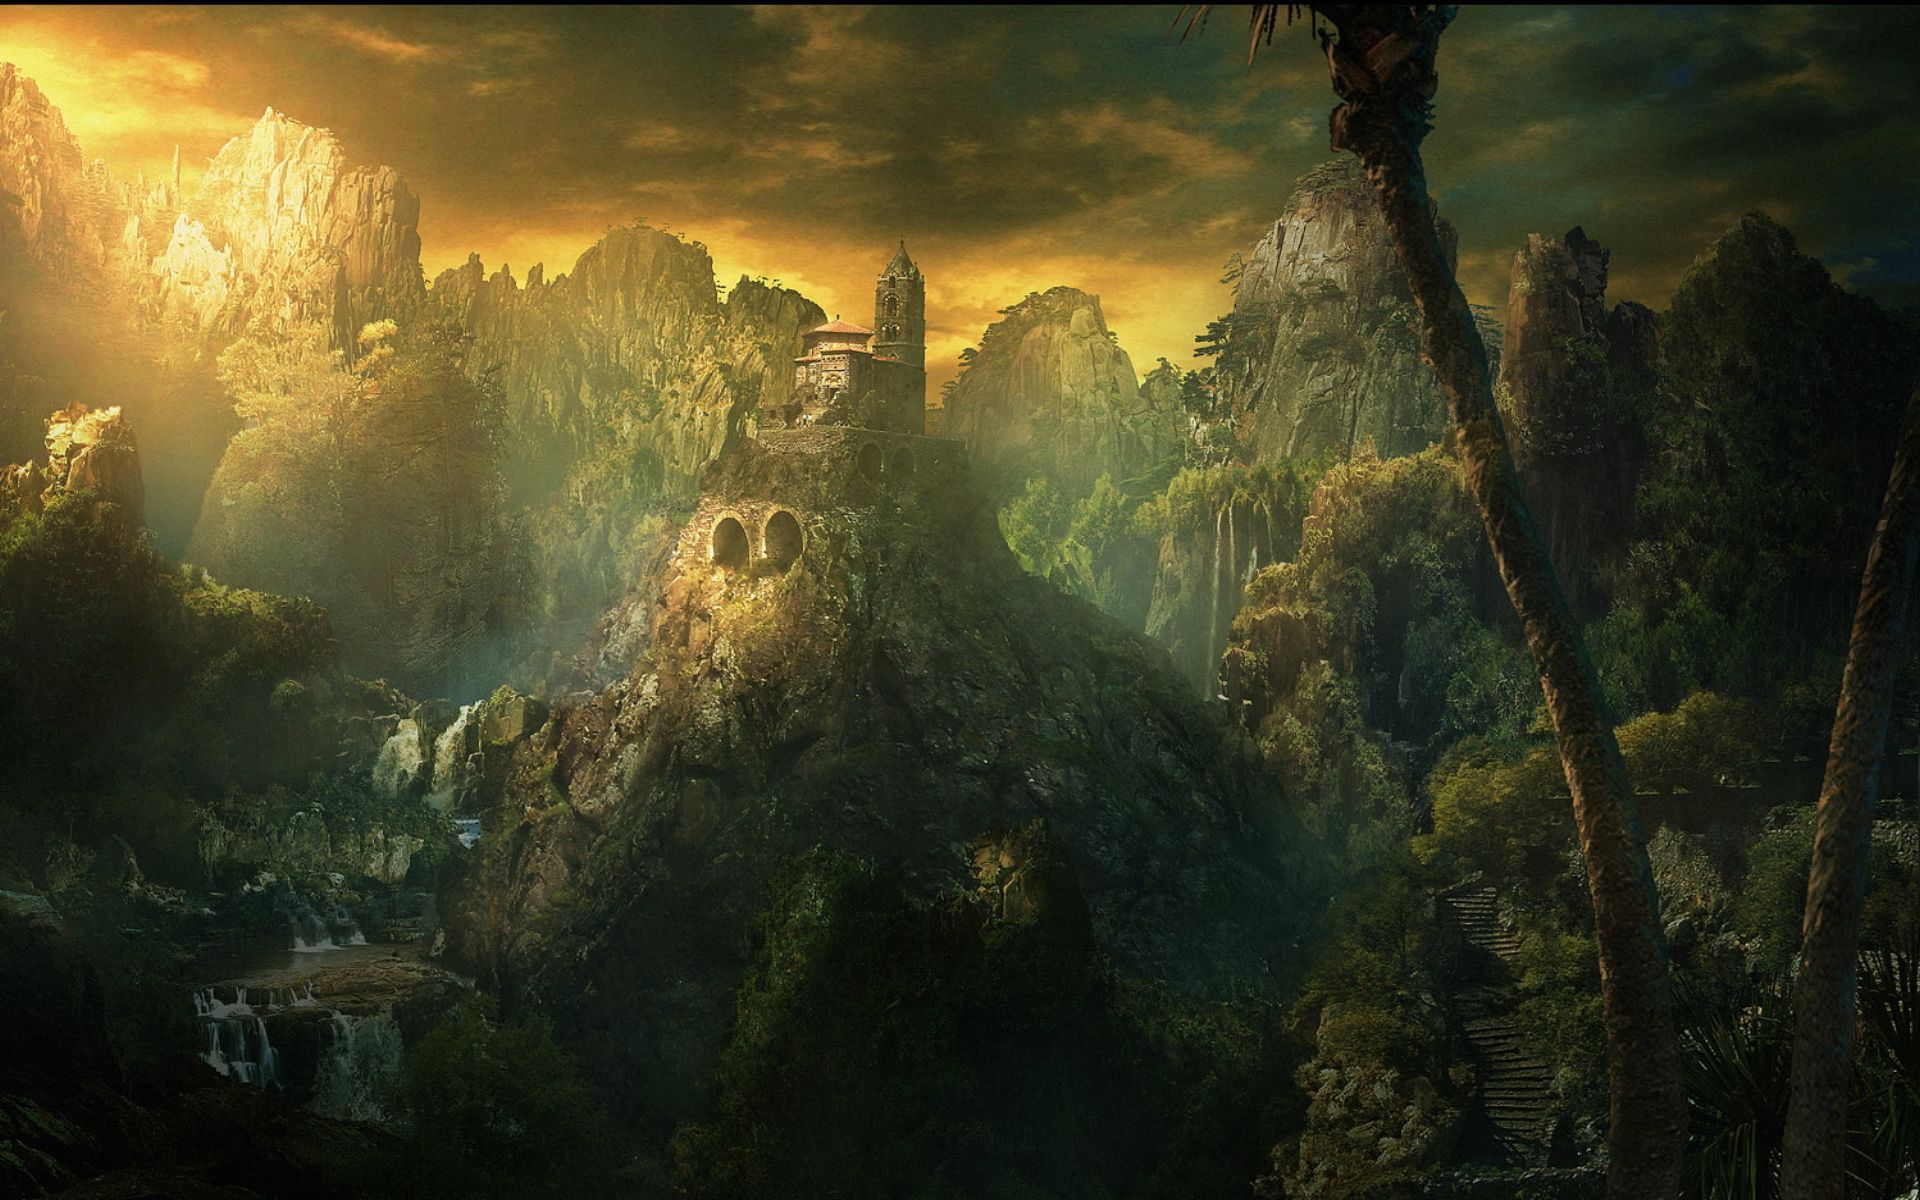 fantasy landscape | fantasy landscape desktop wallpaper ...